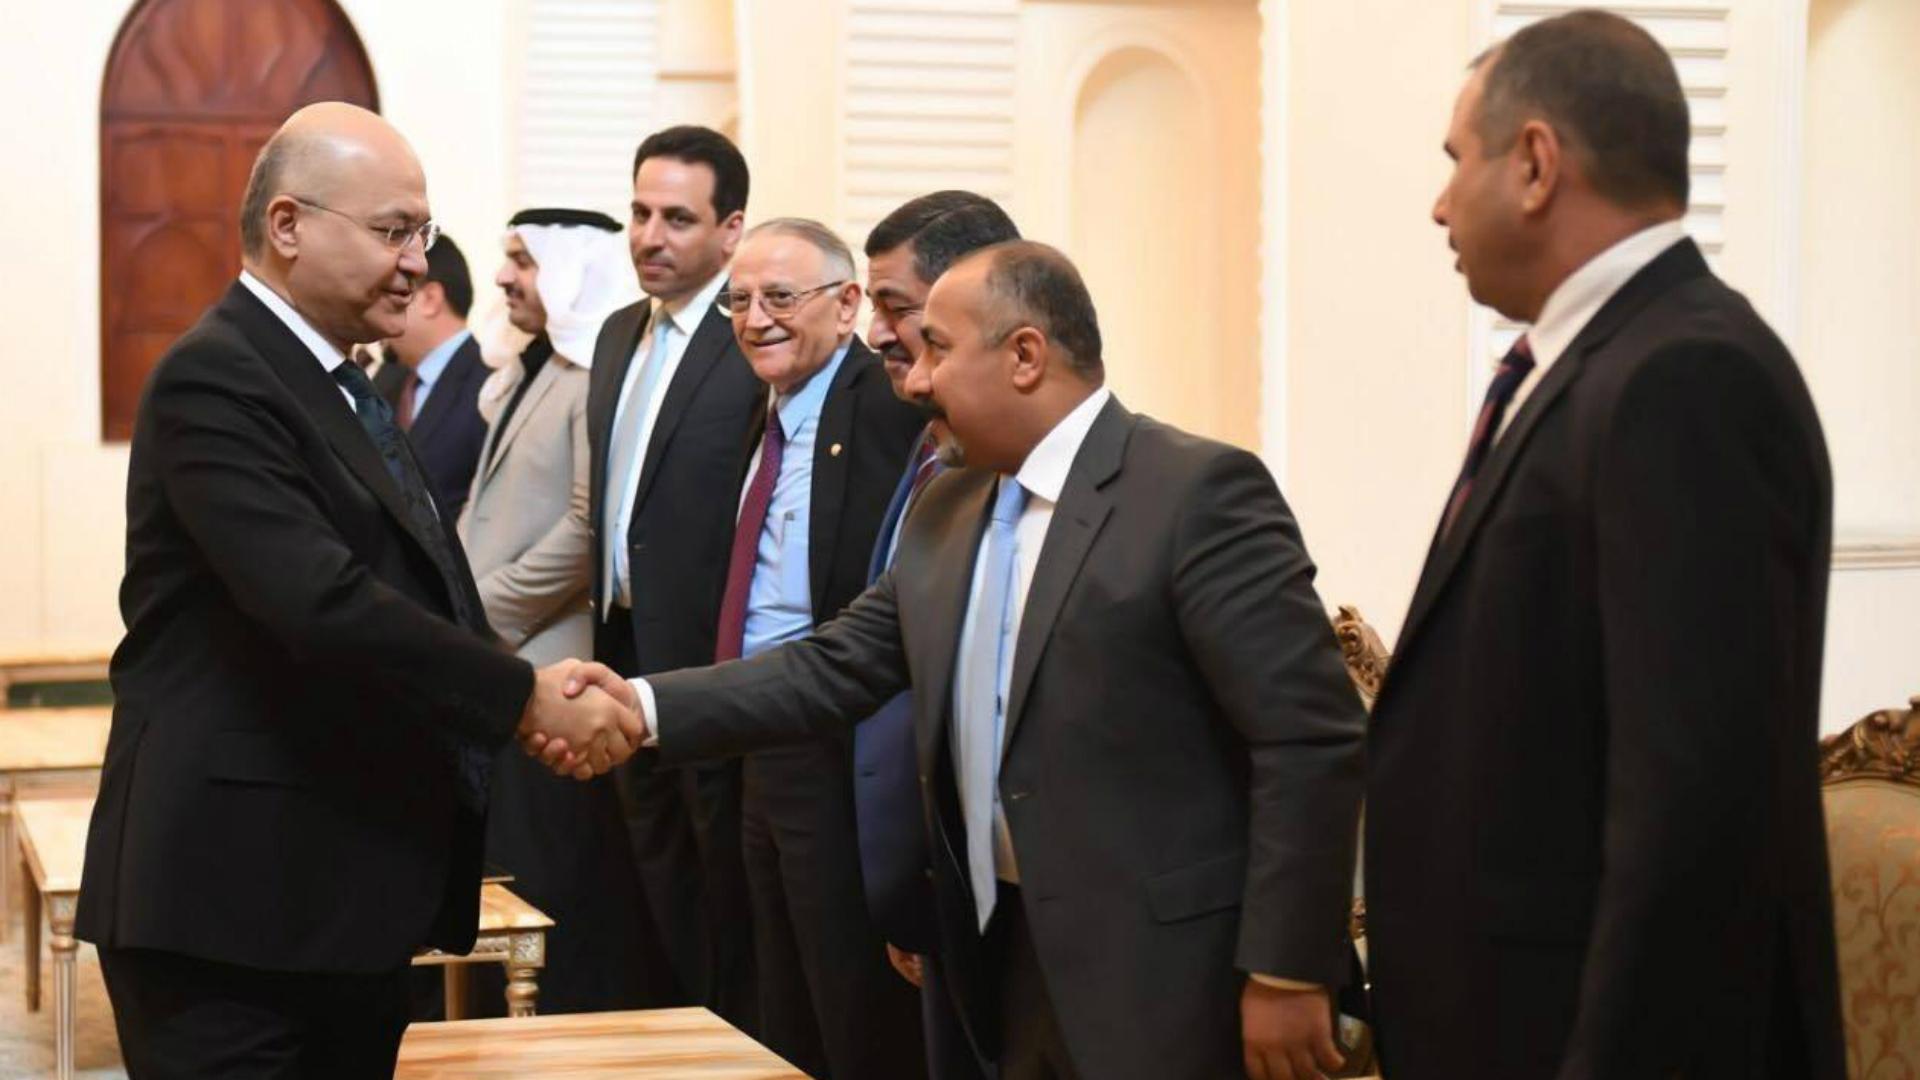 الرئيس صالح يبحث مع عشرات النواب ملف رئاسة الحكومة المقبلة